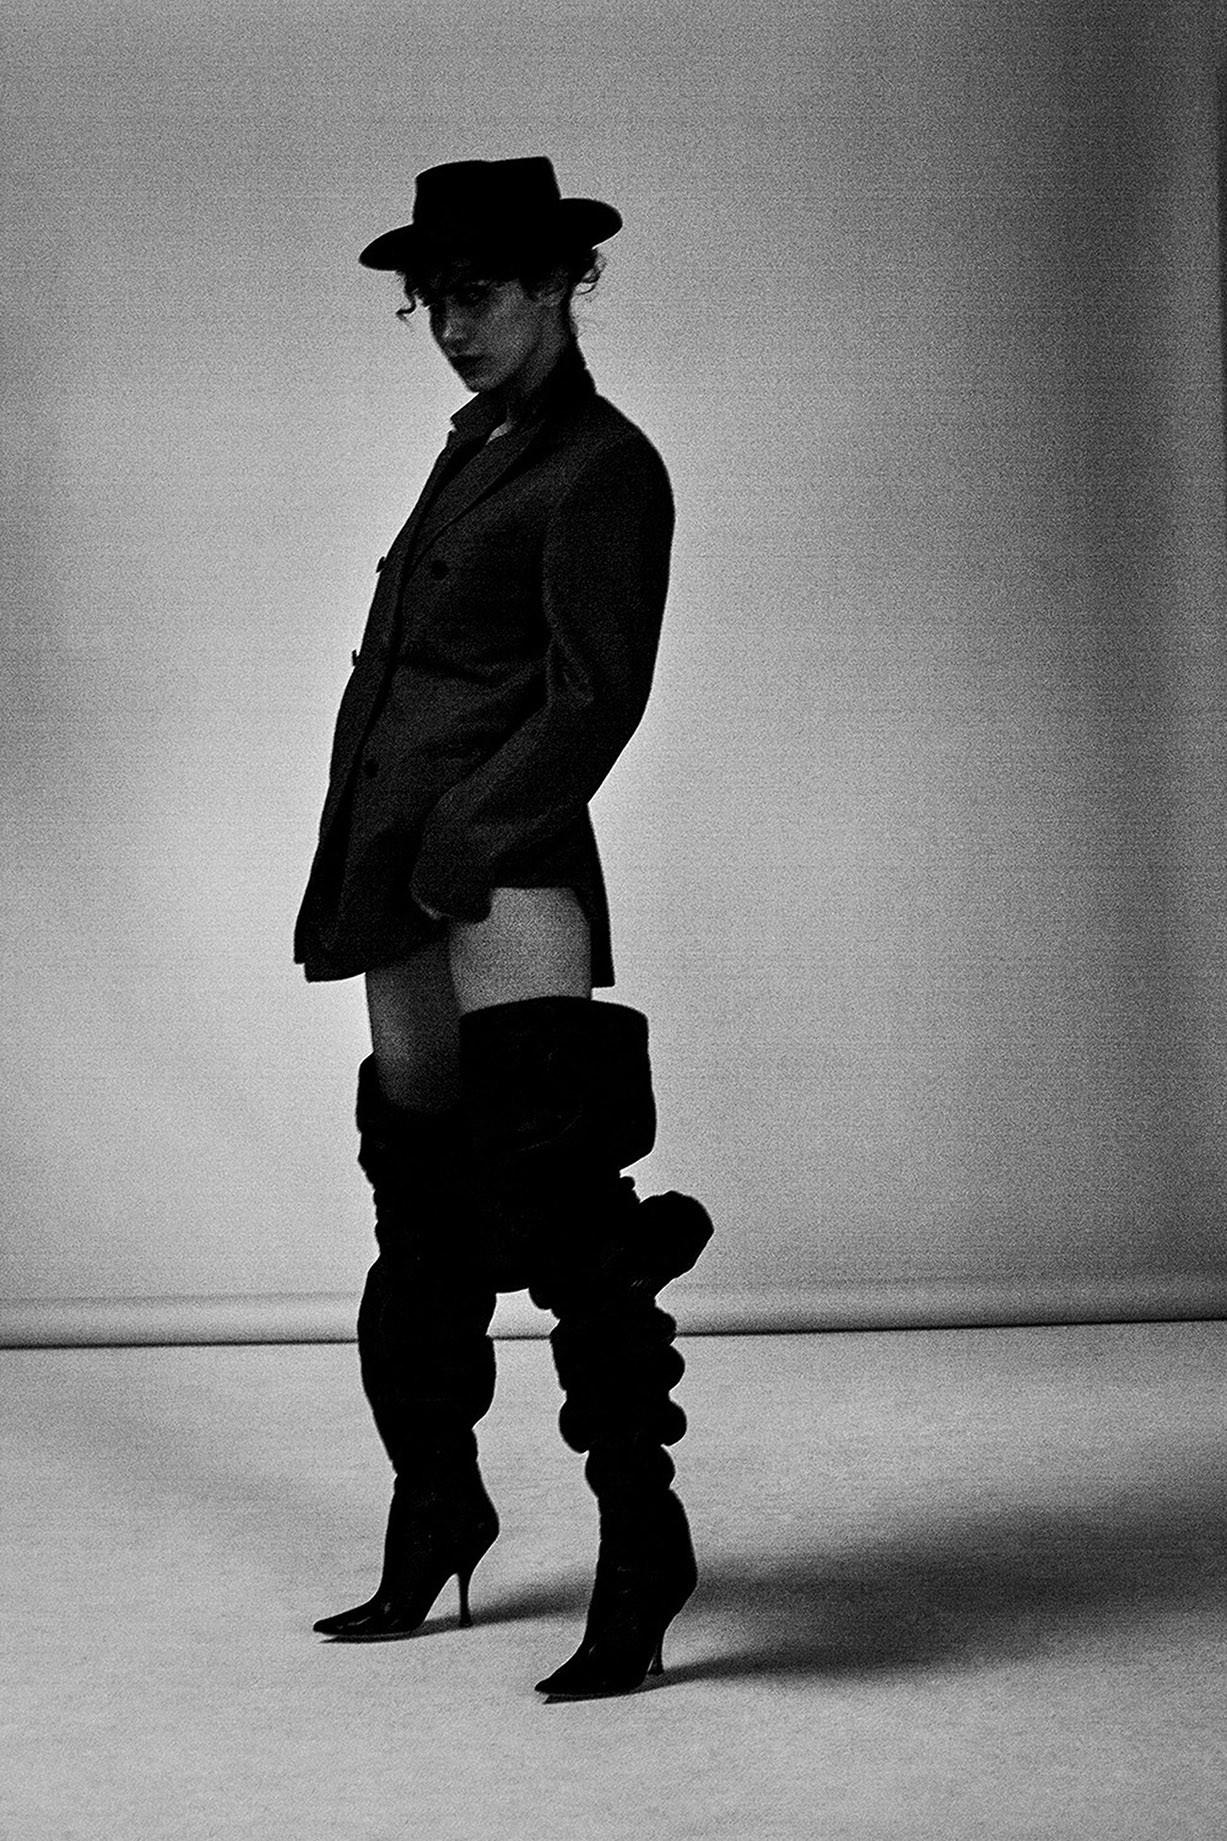 Черно-белая сексуальная фотосессия Беллы Хадид / Bella Hadid by Collier Schorr - 032c Magazine summer 2017